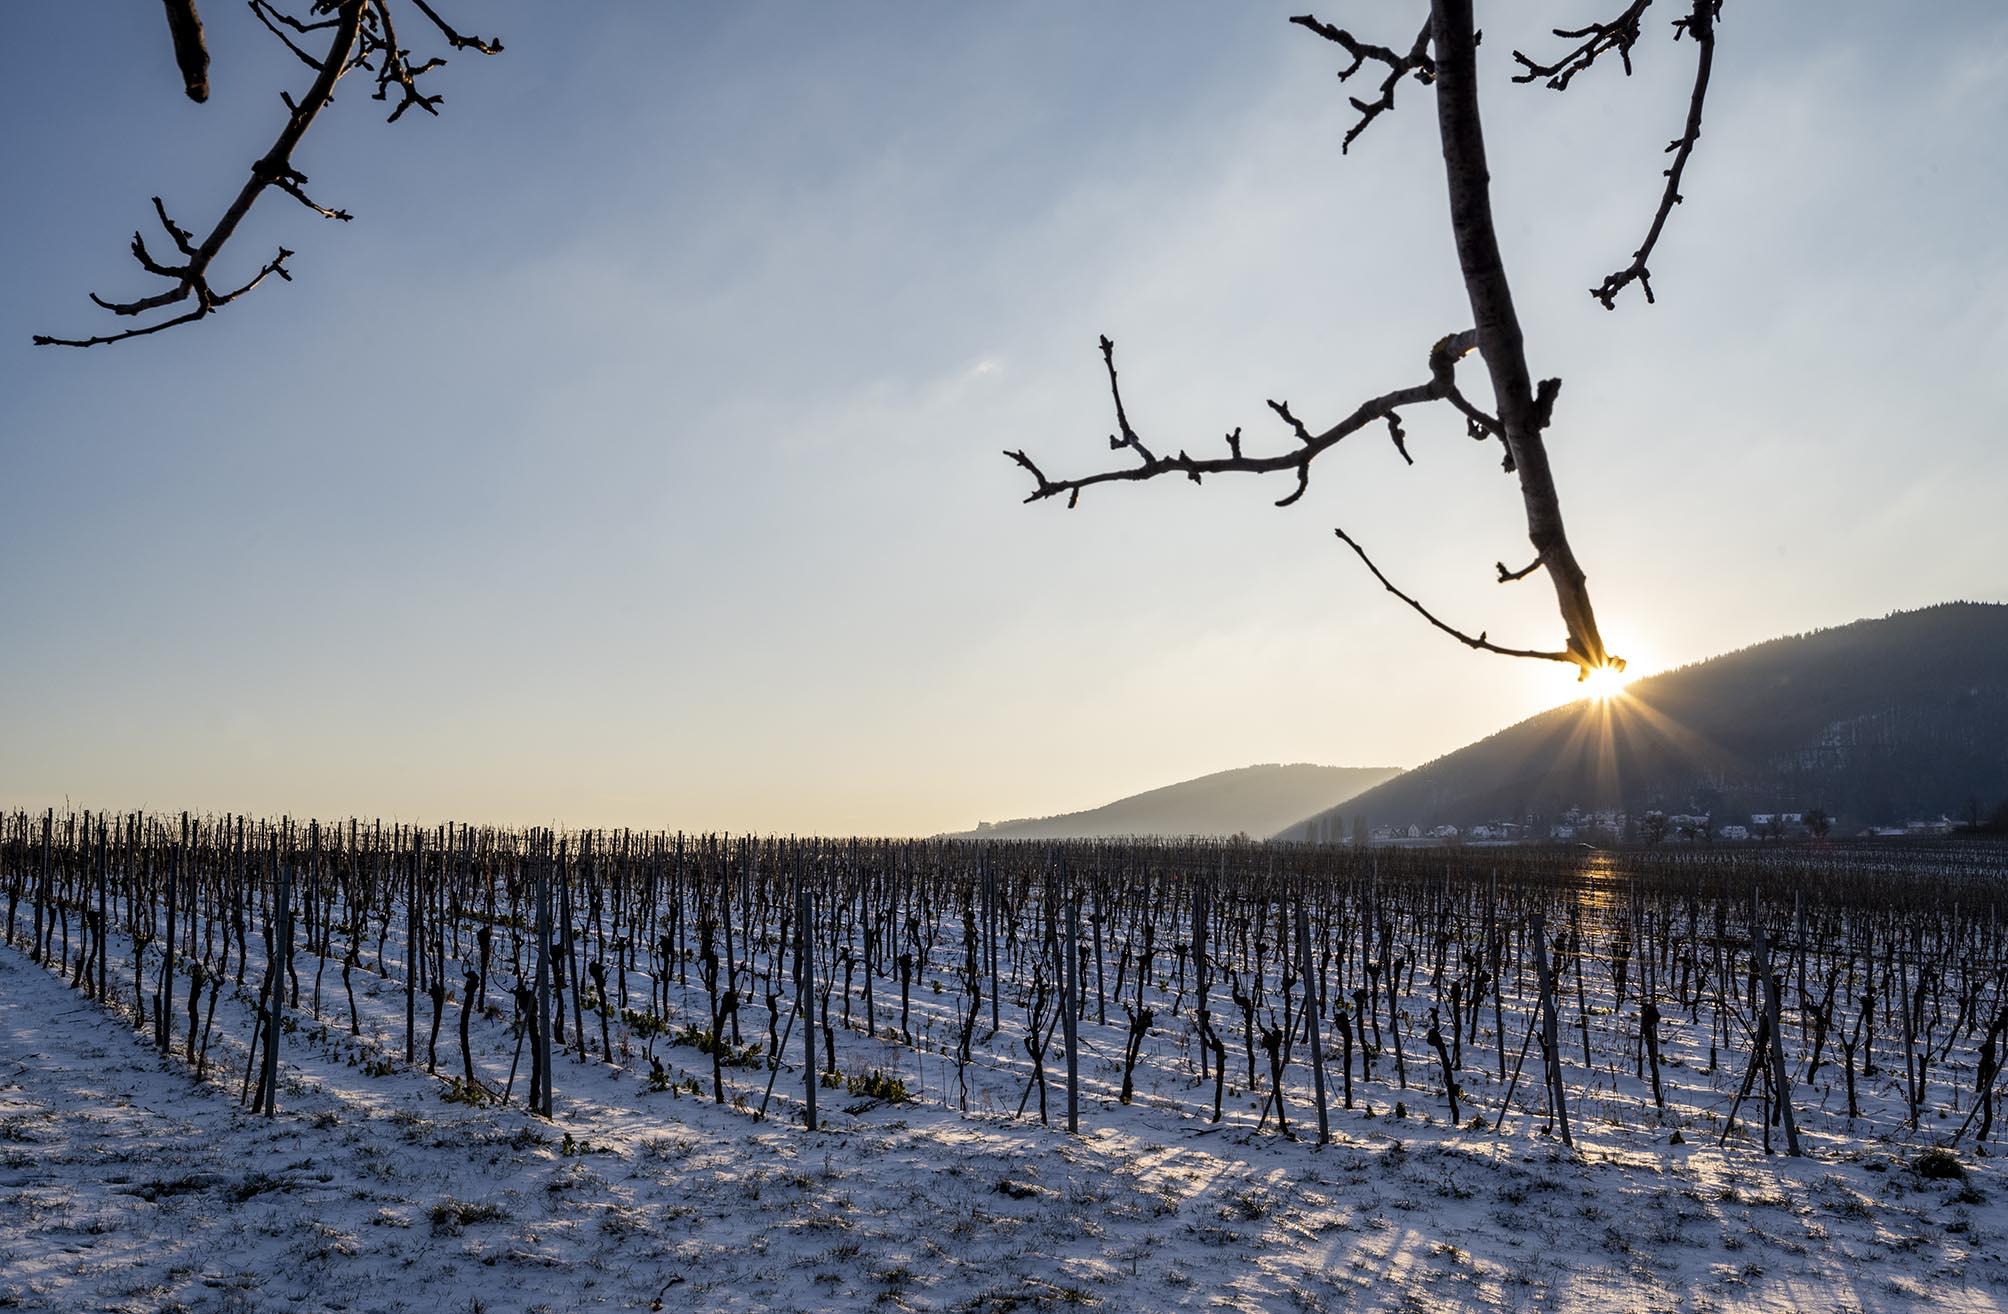 Sonne geht in der rechten Bildhälfte hinter Bergen unter, im Vordergrund kahle, schneebedeckte Weinstöcke